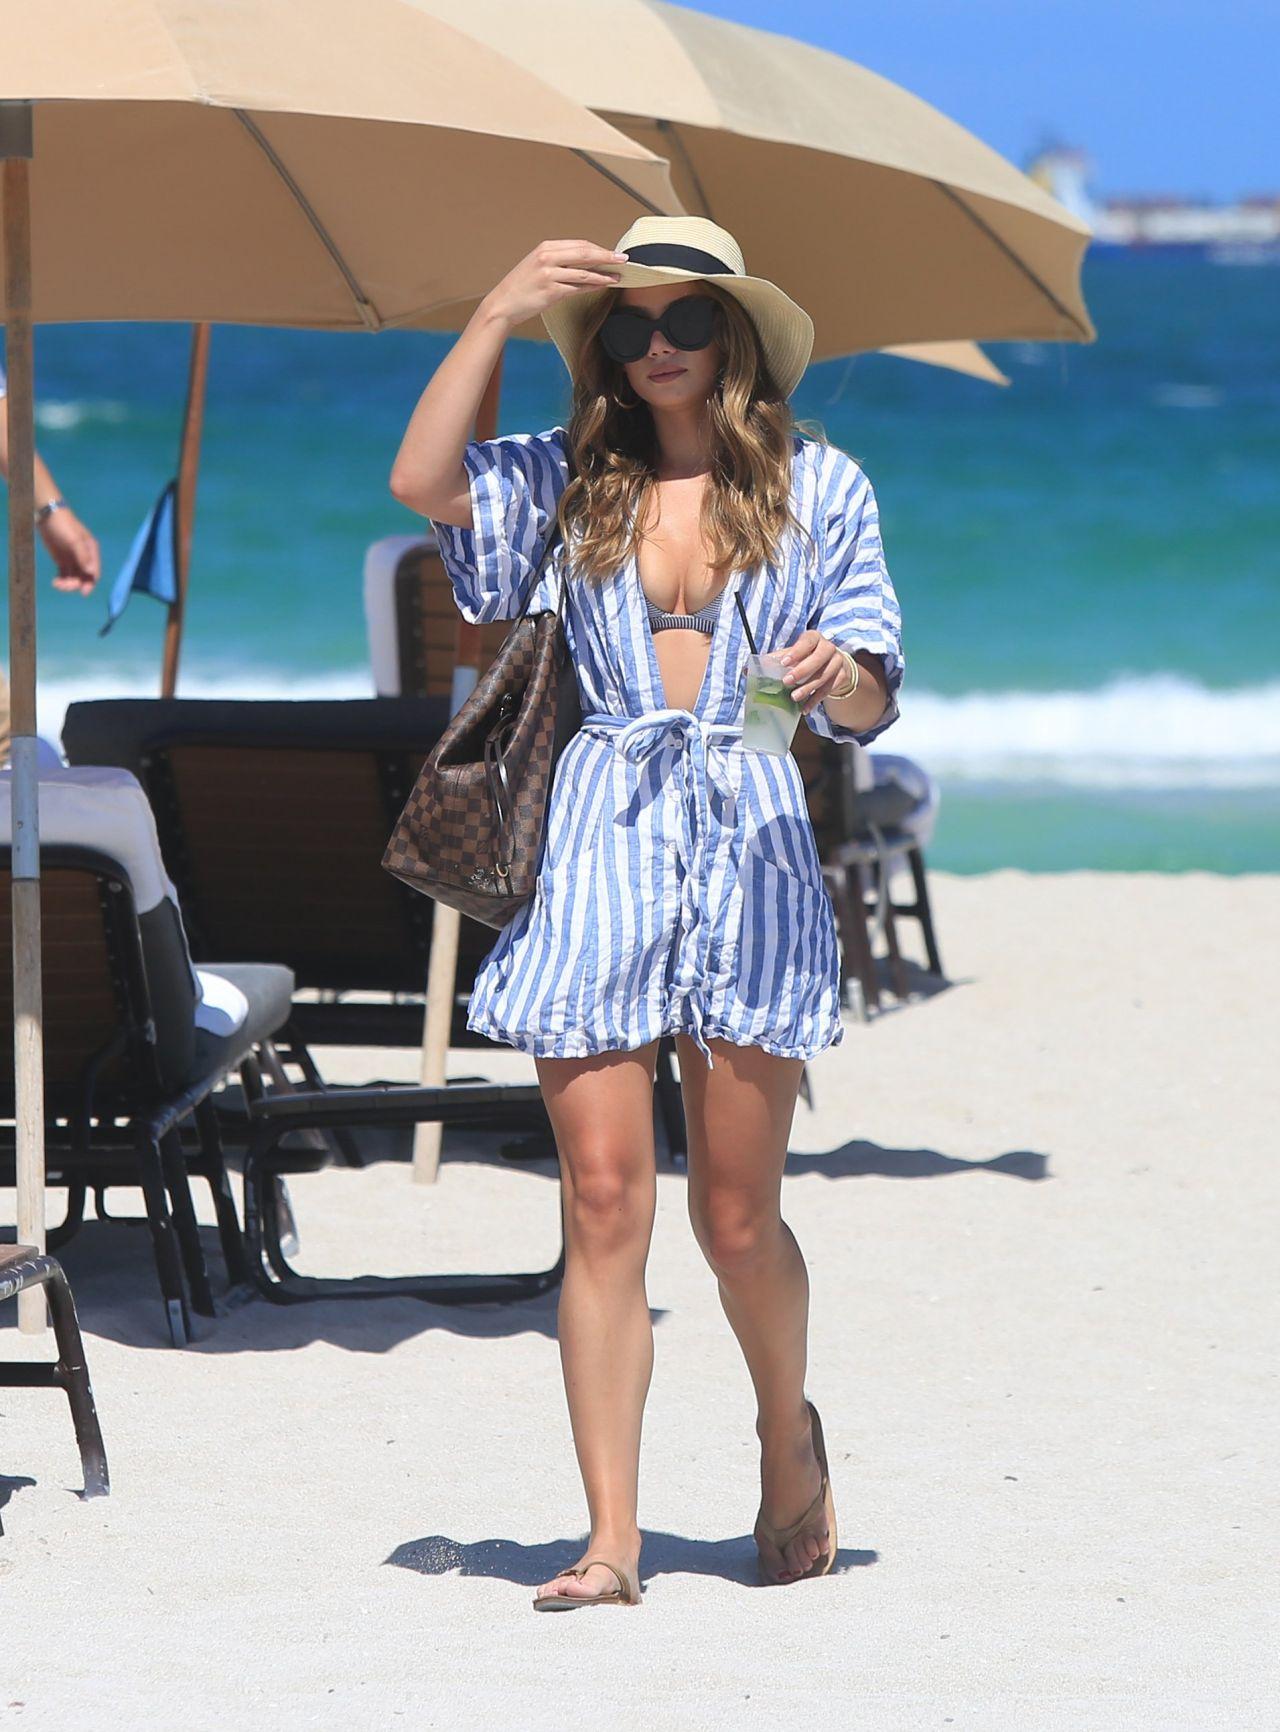 Keleigh Sperry In Bikini at Miami Beach - Celebzz - Celebzz